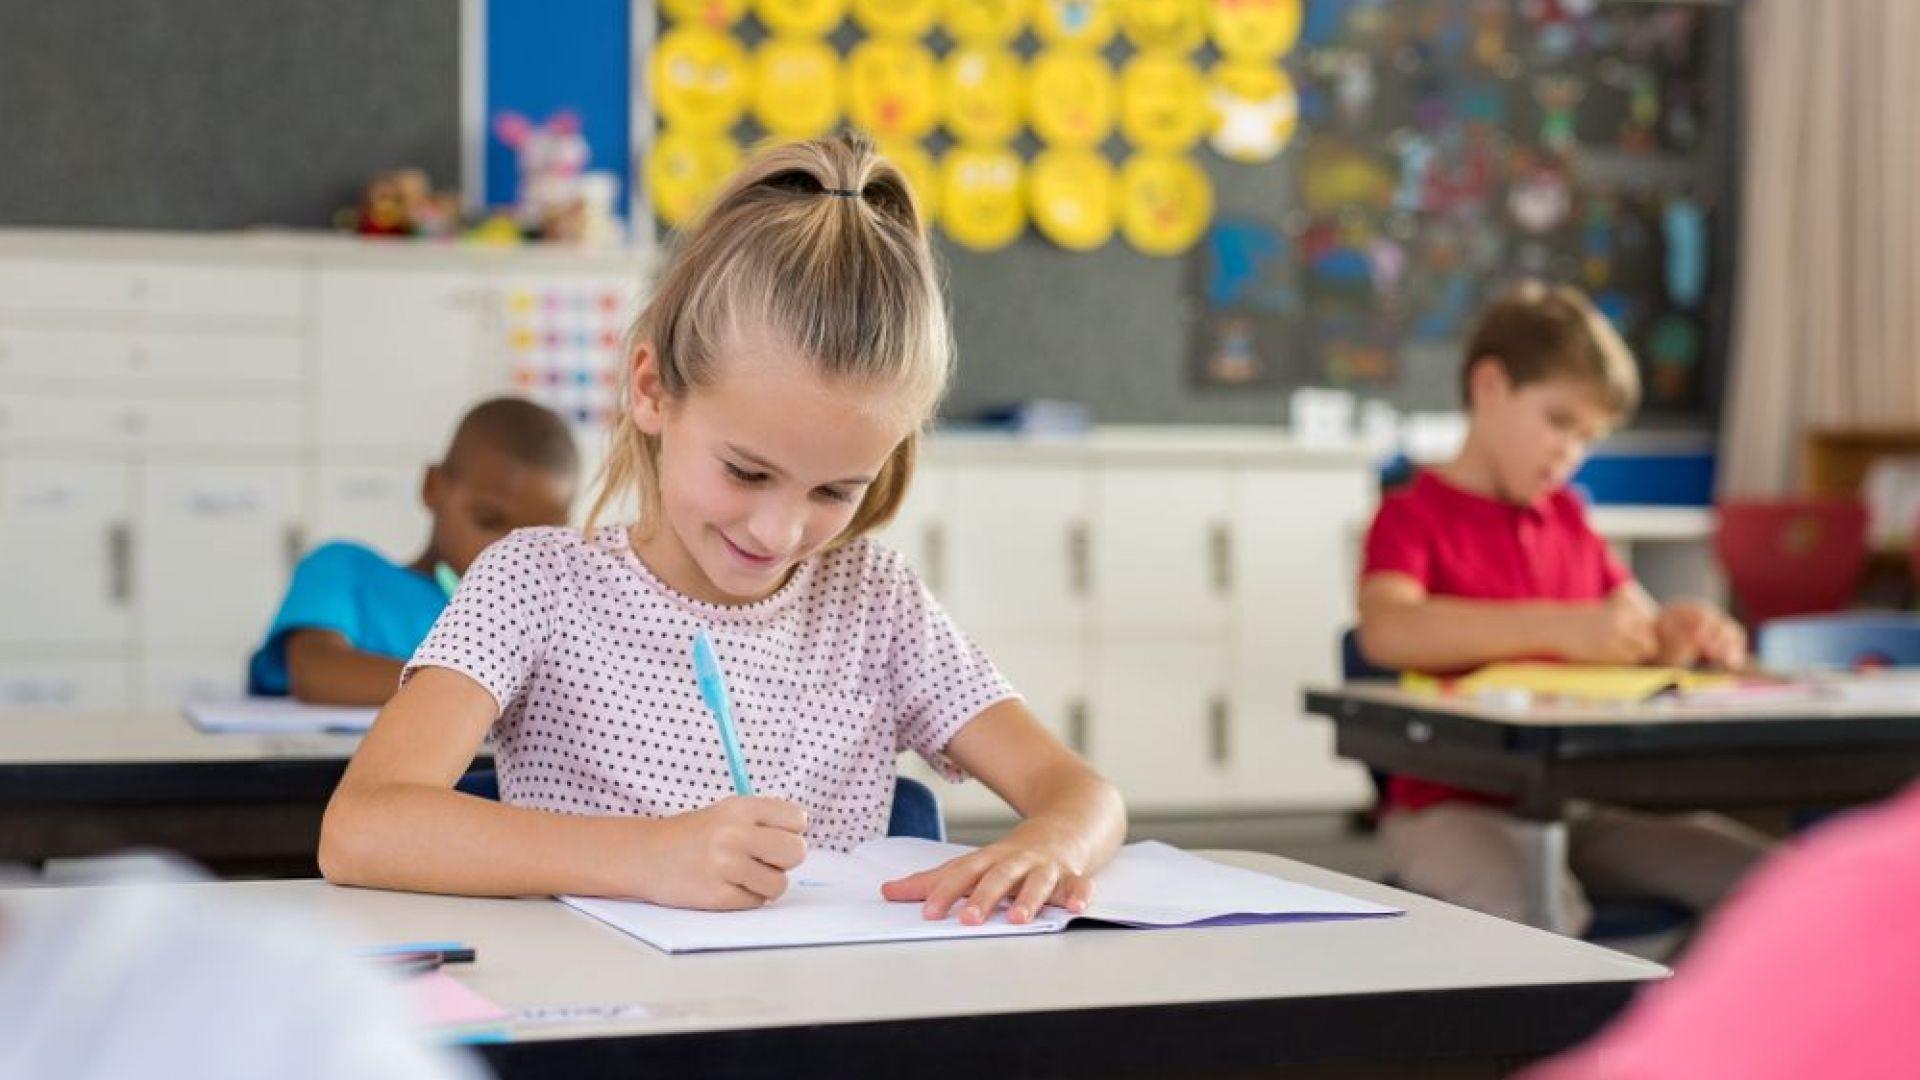 Година допълнително обучение в училище увеличава коефициента на интелигентност